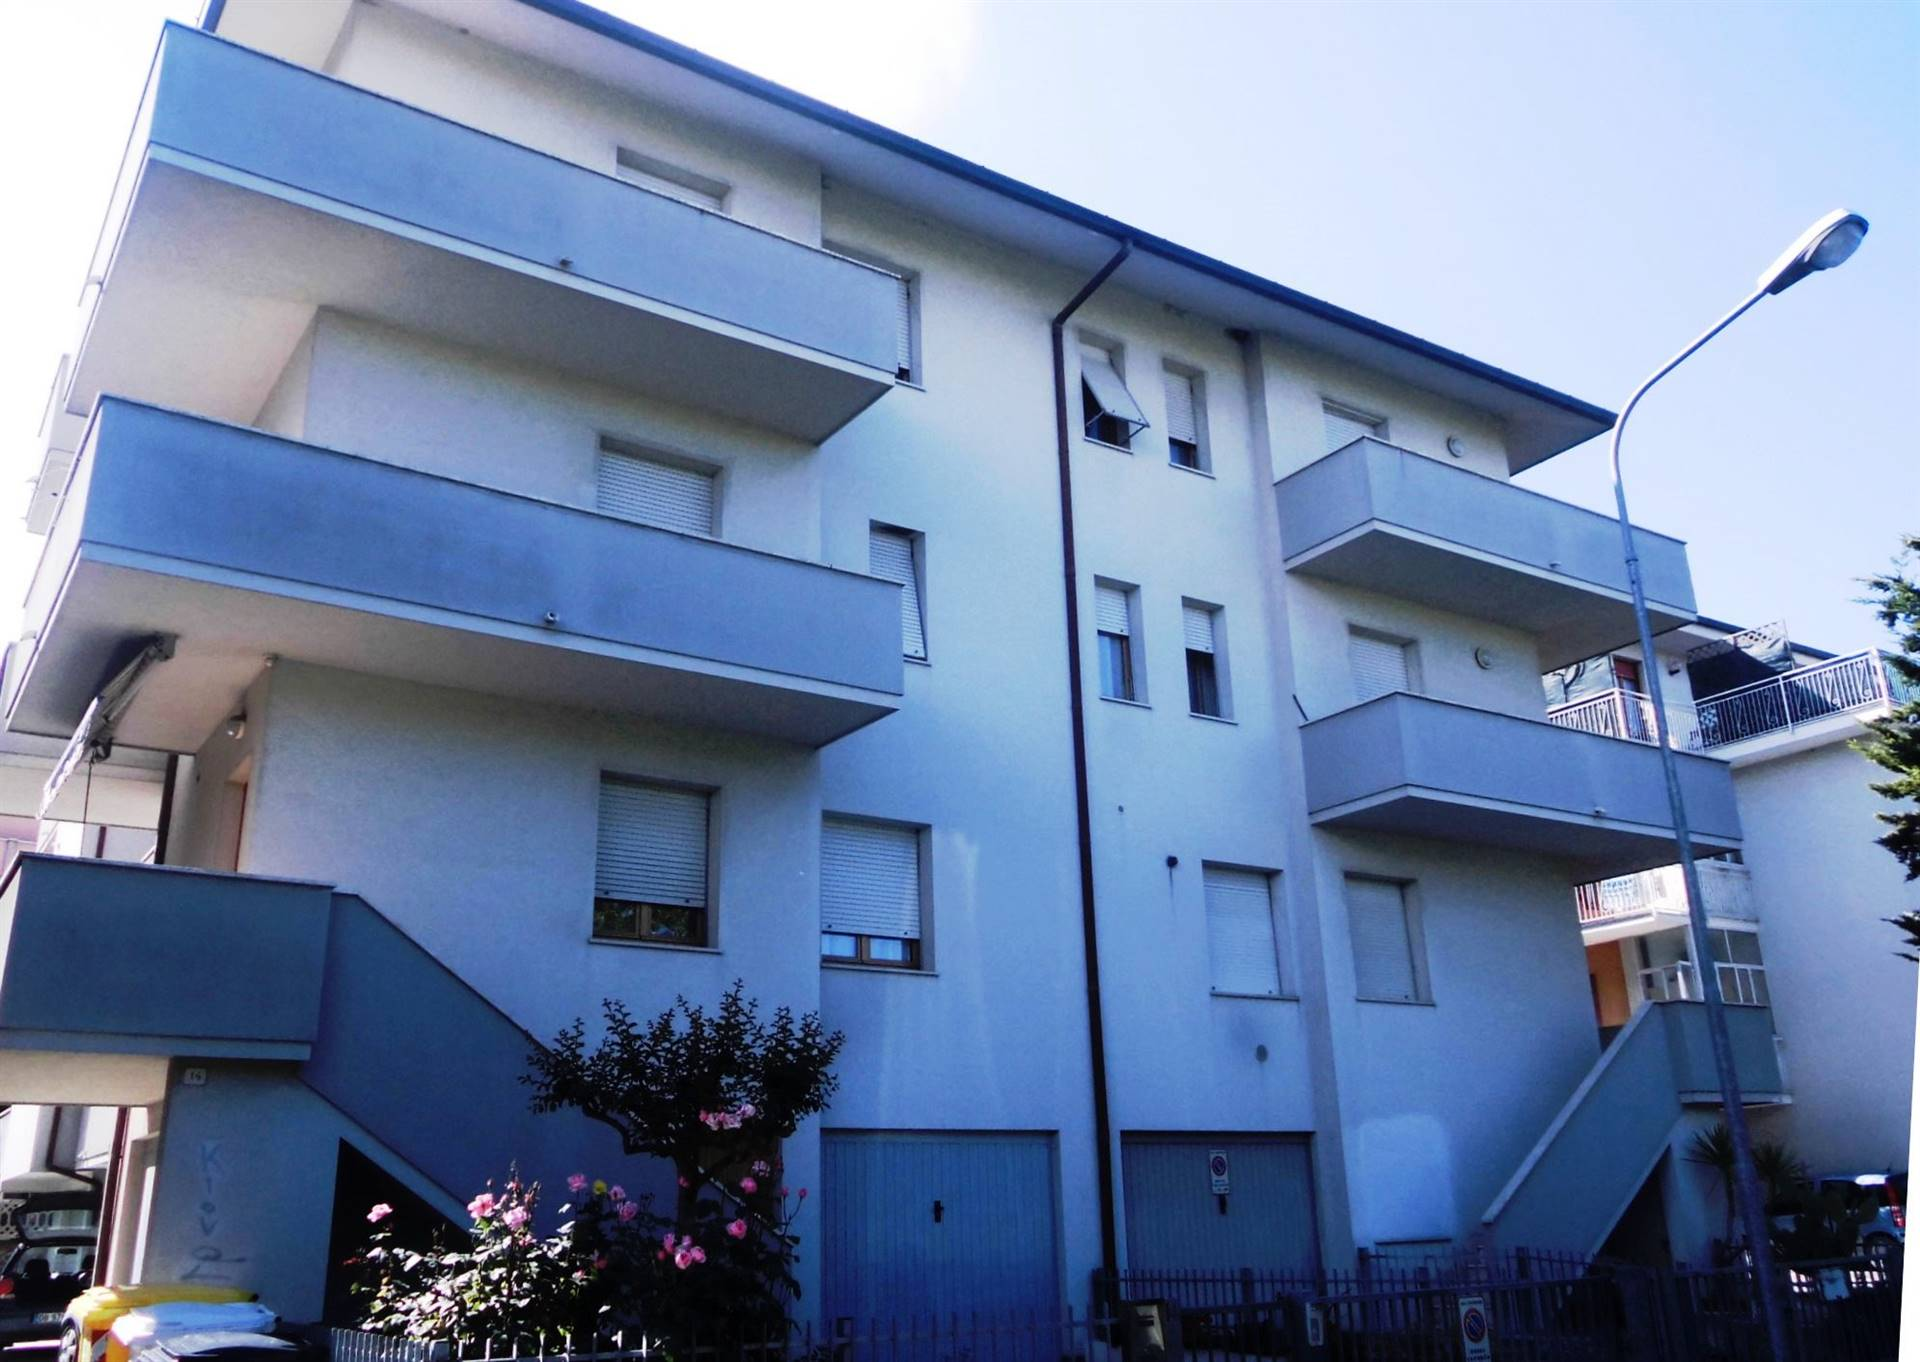 Appartamento in vendita a Montemarciano, 4 locali, zona Zona: Marina di Montemarciano, prezzo € 125.000 | CambioCasa.it